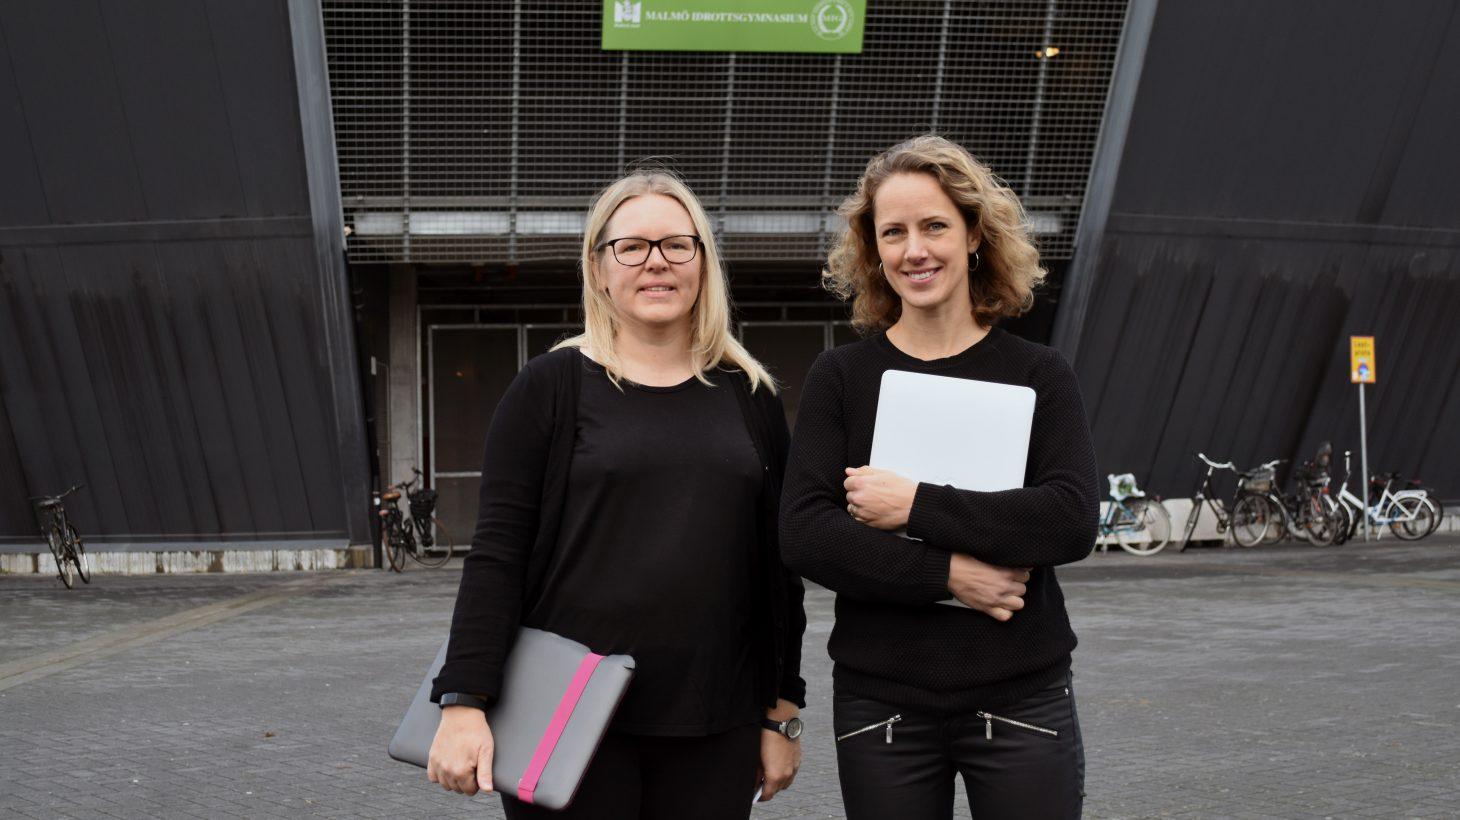 Åsa Falk och Kajsa Månsson, förstelärare på Malmö Idrottsgymnasium, står framför Stadion.